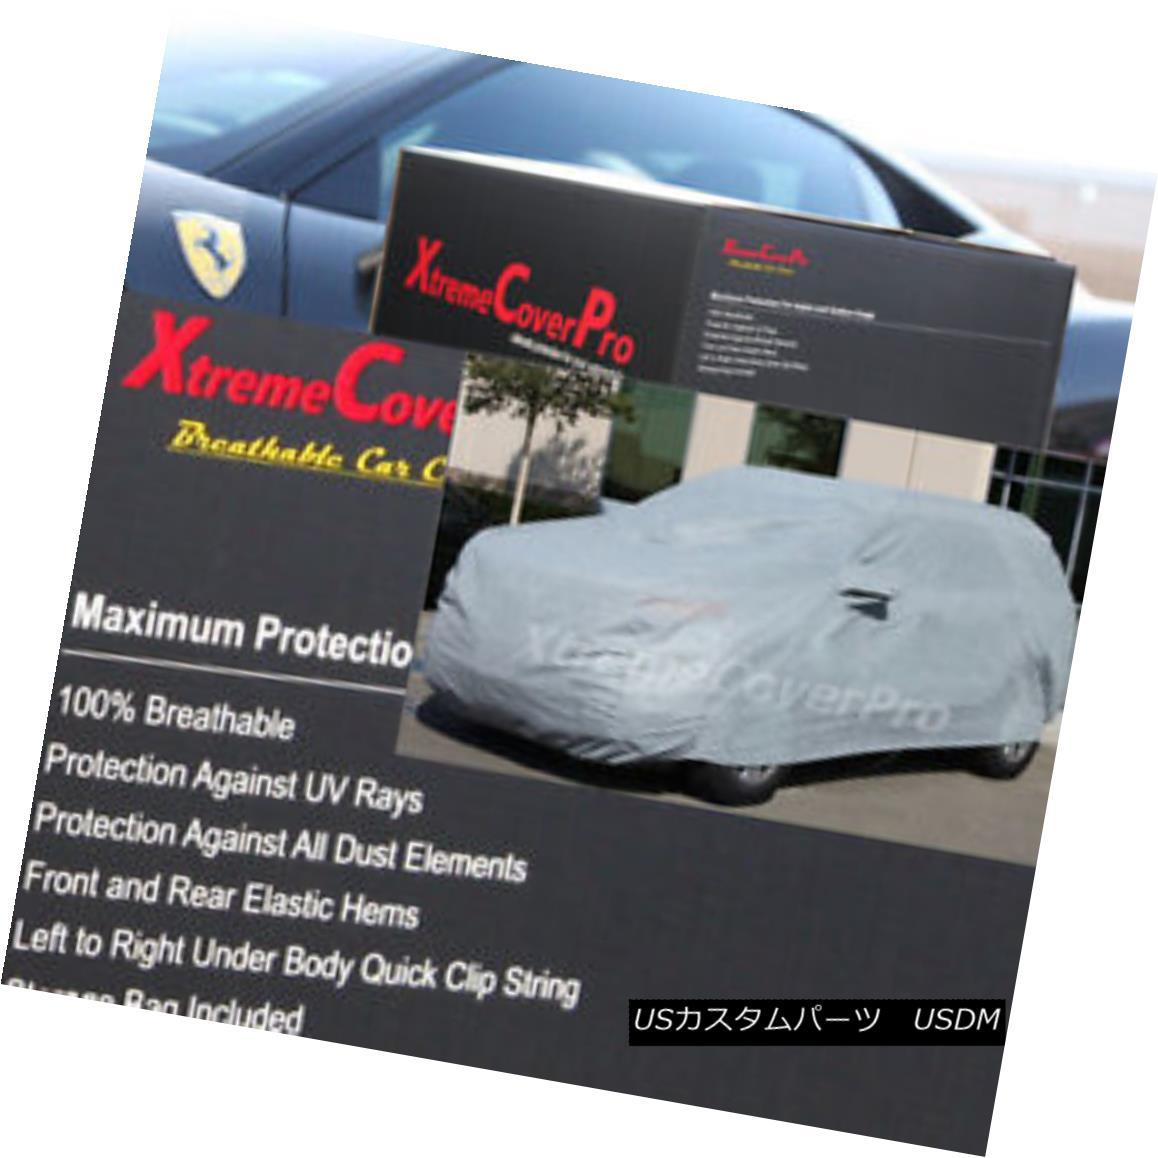 カーカバー 1996 1997 1997 1999 Acura SLX Breathable Car Cover w/MirrorPocket 1996年1997 1997年1999年Acura SLX通気性車カバー付きMirrorPocket